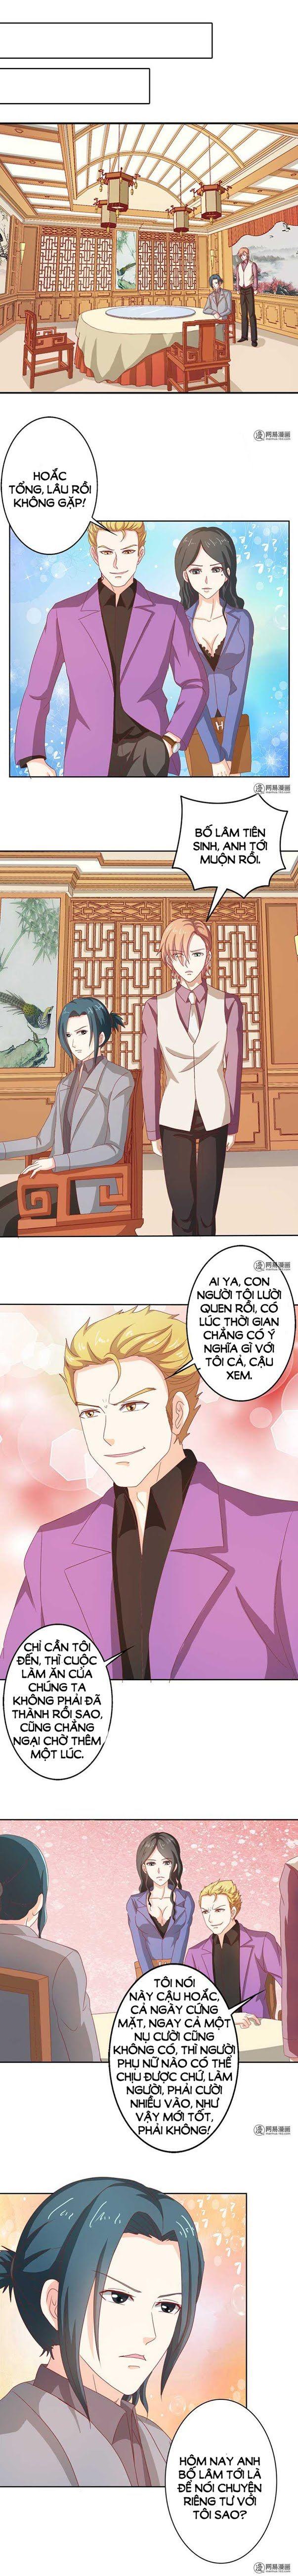 Ẩn Hôn Tân Nương - Chap 35